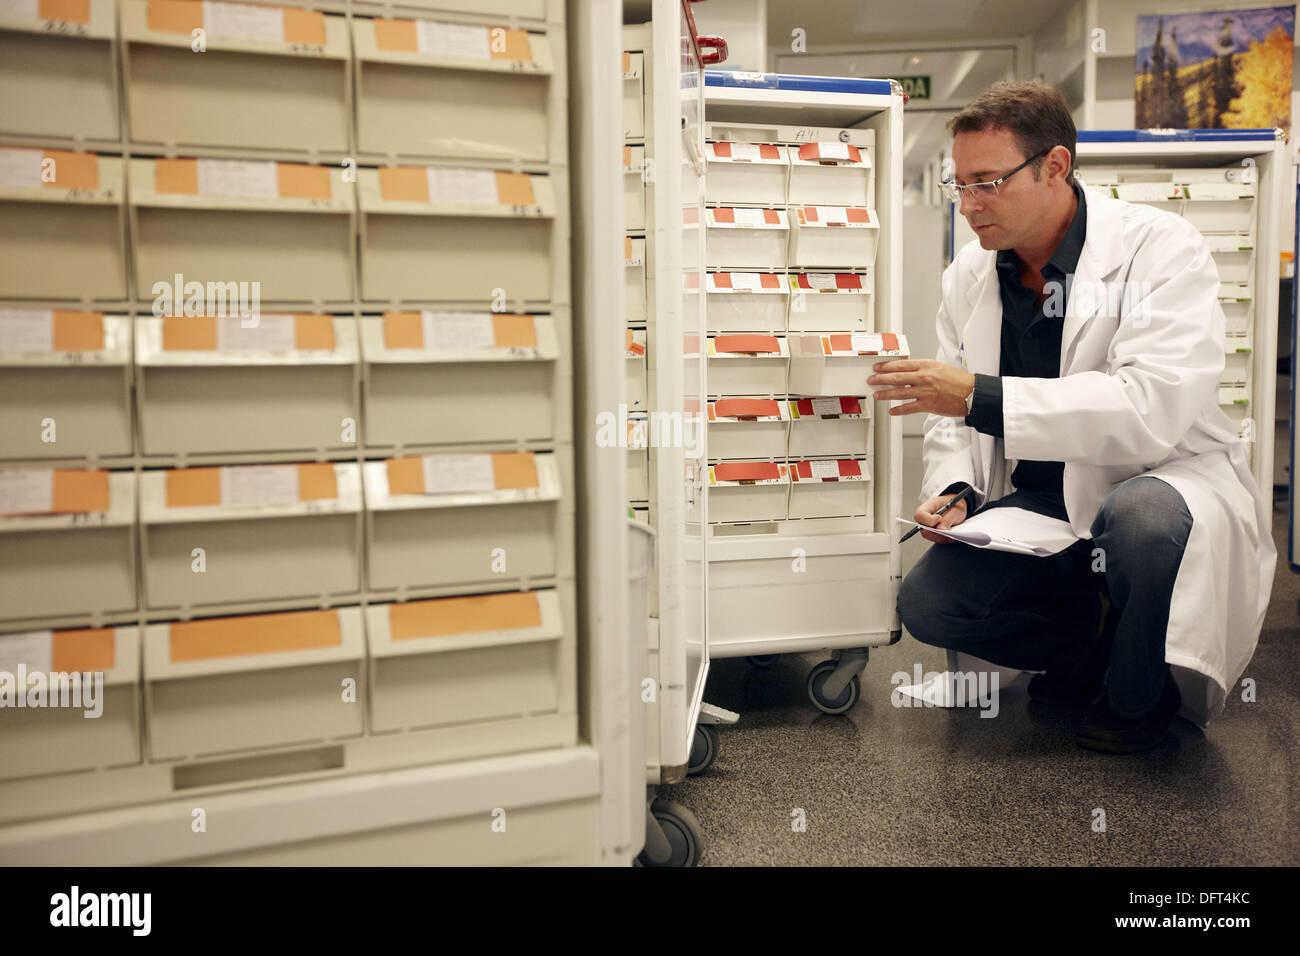 Pharmacy medication carts. Hospital Universitario de Gran Canaria Doctor Negrin, Las Palmas de Gran Canaria. Canary Islands, - Stock Image